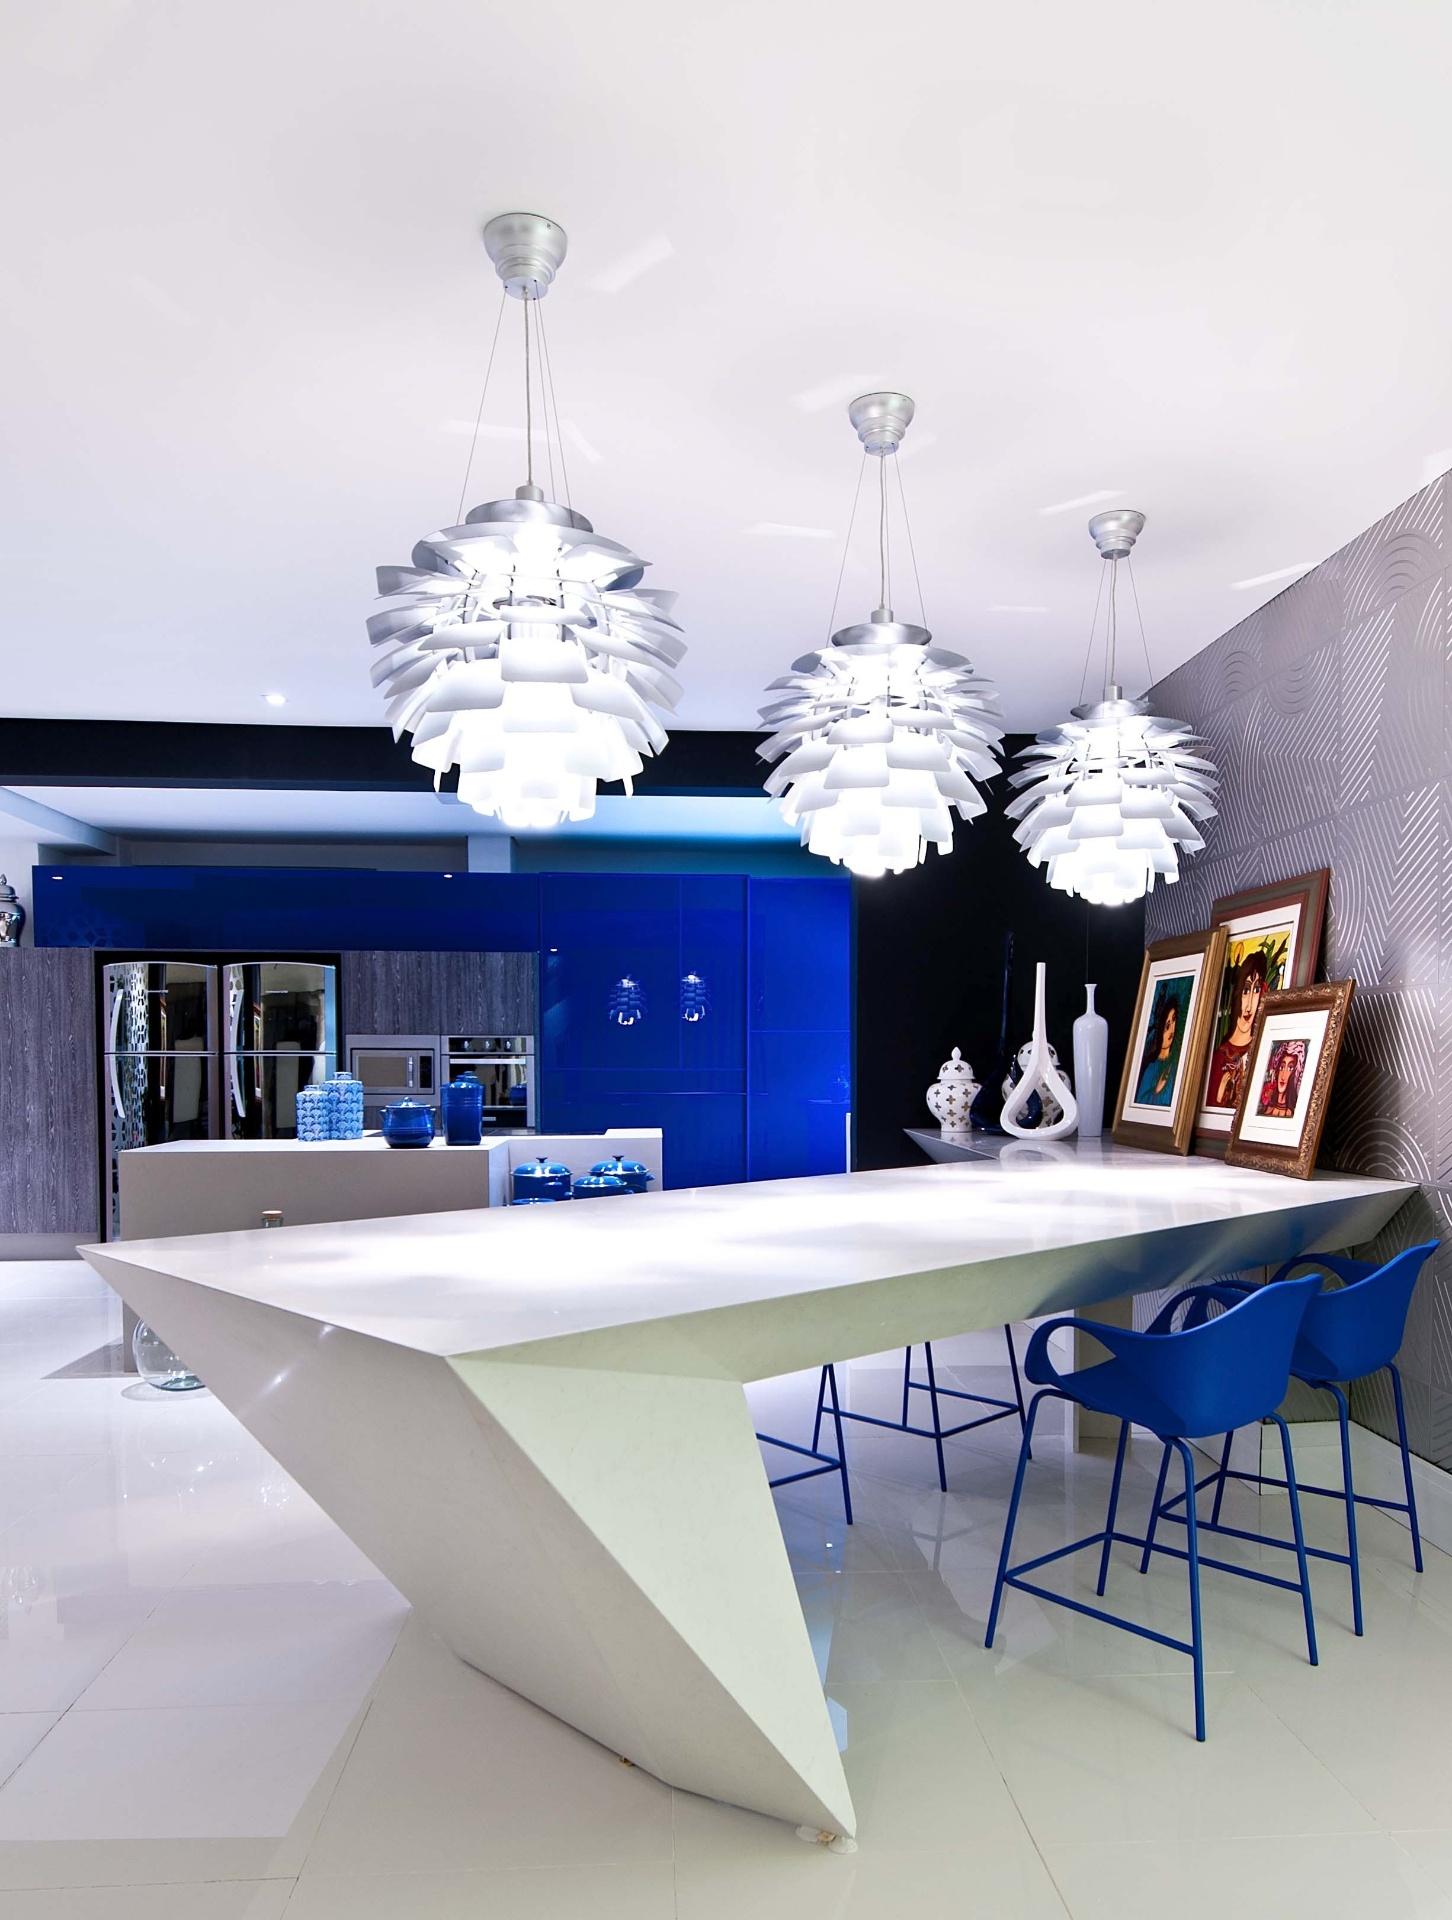 O Living Gourmet, assinado pela arquiteta Cintia de Queiroz, valoriza as formas brutas, os elementos vazados e poucas cores, entre elas o azul cobalto que dá vida ao ambiente. A Casa Cor Santa Catarina, pela primeira vez, acontece simultaneamente em Florianópolis e na Praia Brava, em Itajaí. As duas sedes do evento apresentam, no total, 45 ambientes até 30 de junho de 2013